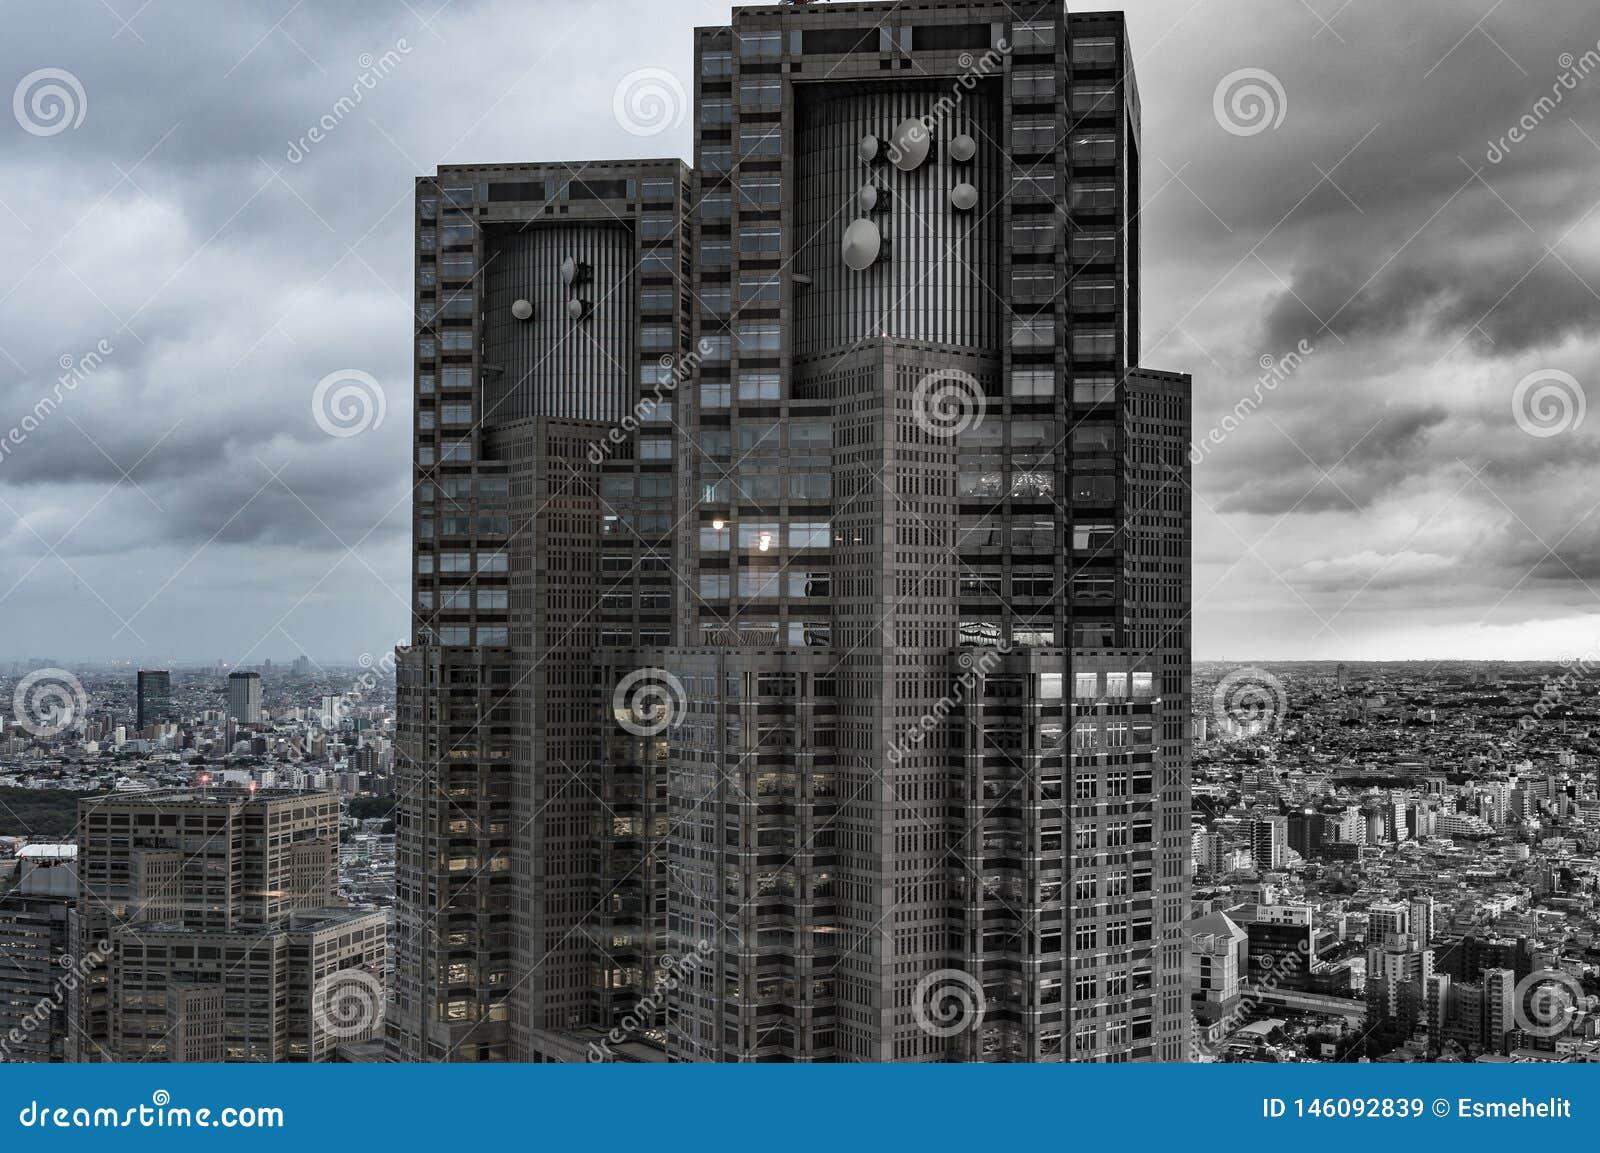 Desaturated Bild von Stadtbild, Zersiedelung mit hochragendem Wolkenkratzer auf Vordergrund